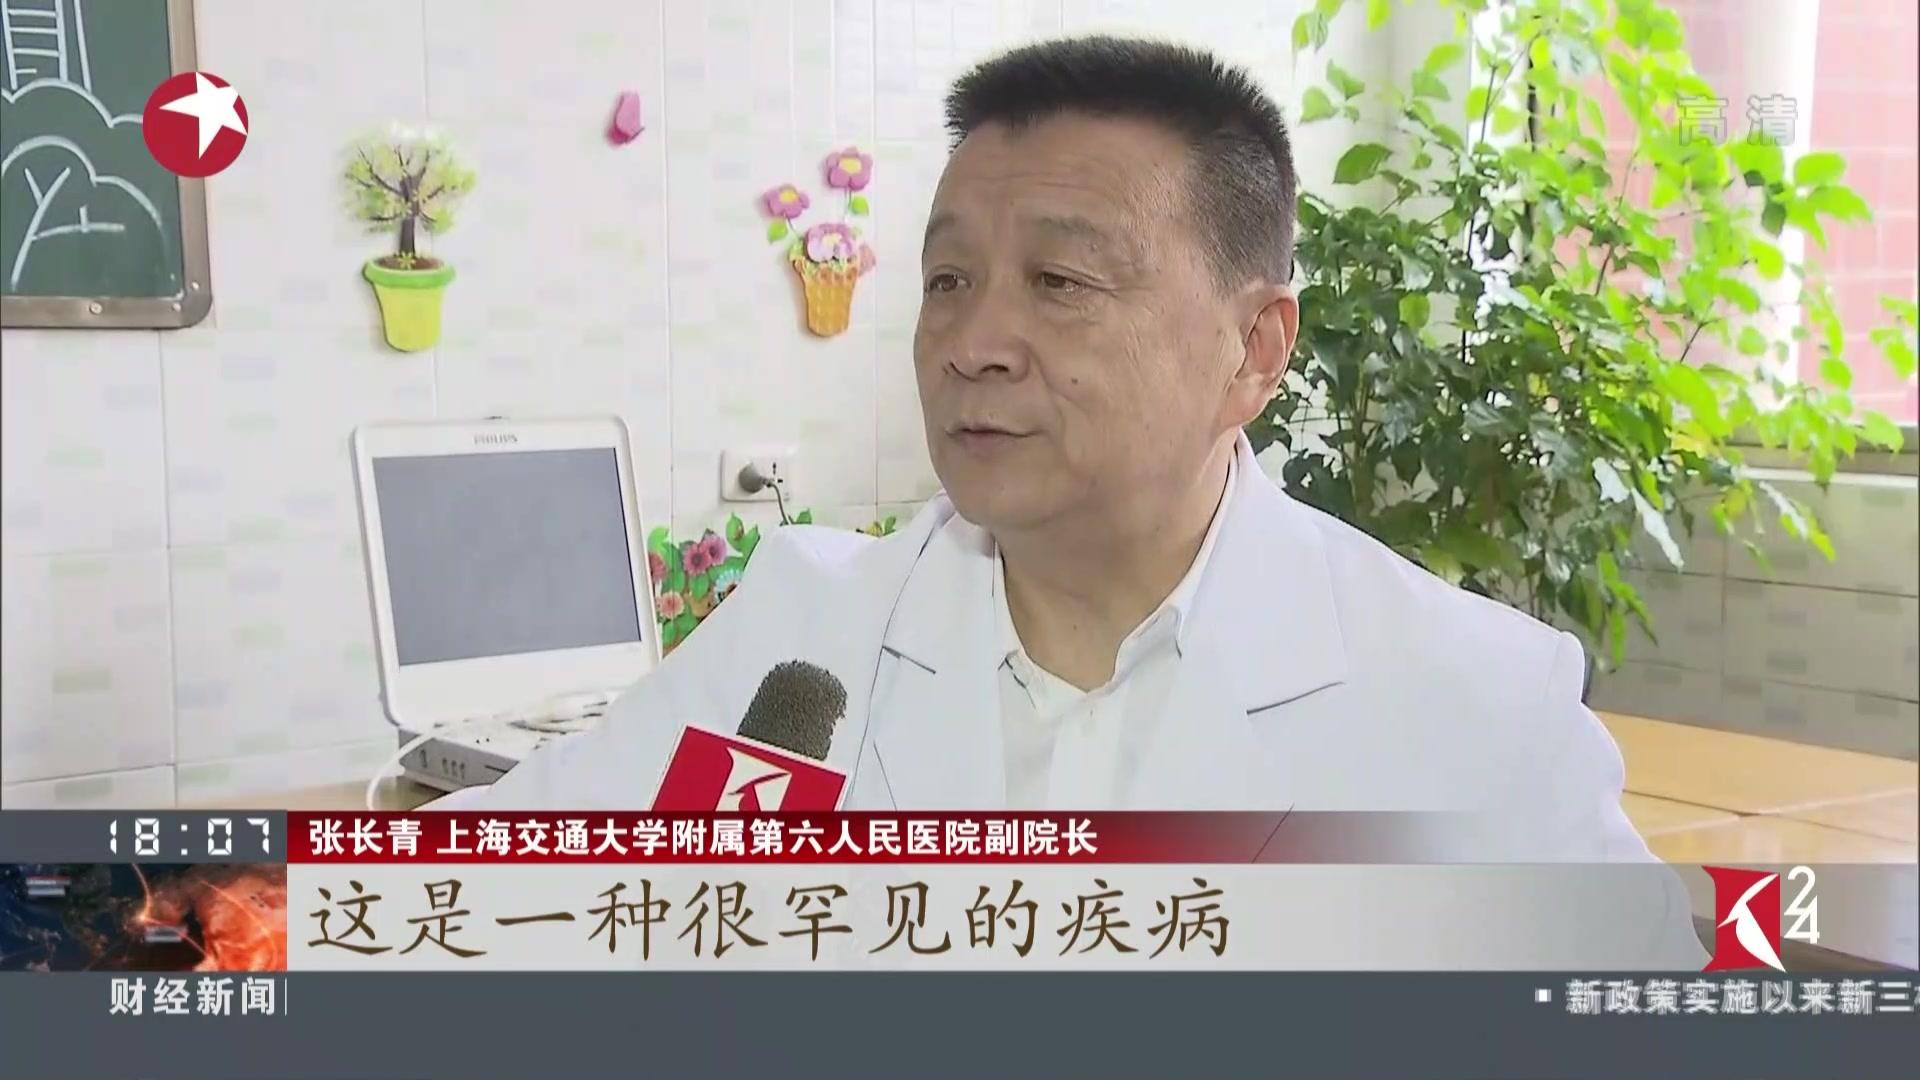 2018上海医疗援滇义诊本周举行:上海40名医疗专家深入云南两市及地震灾区